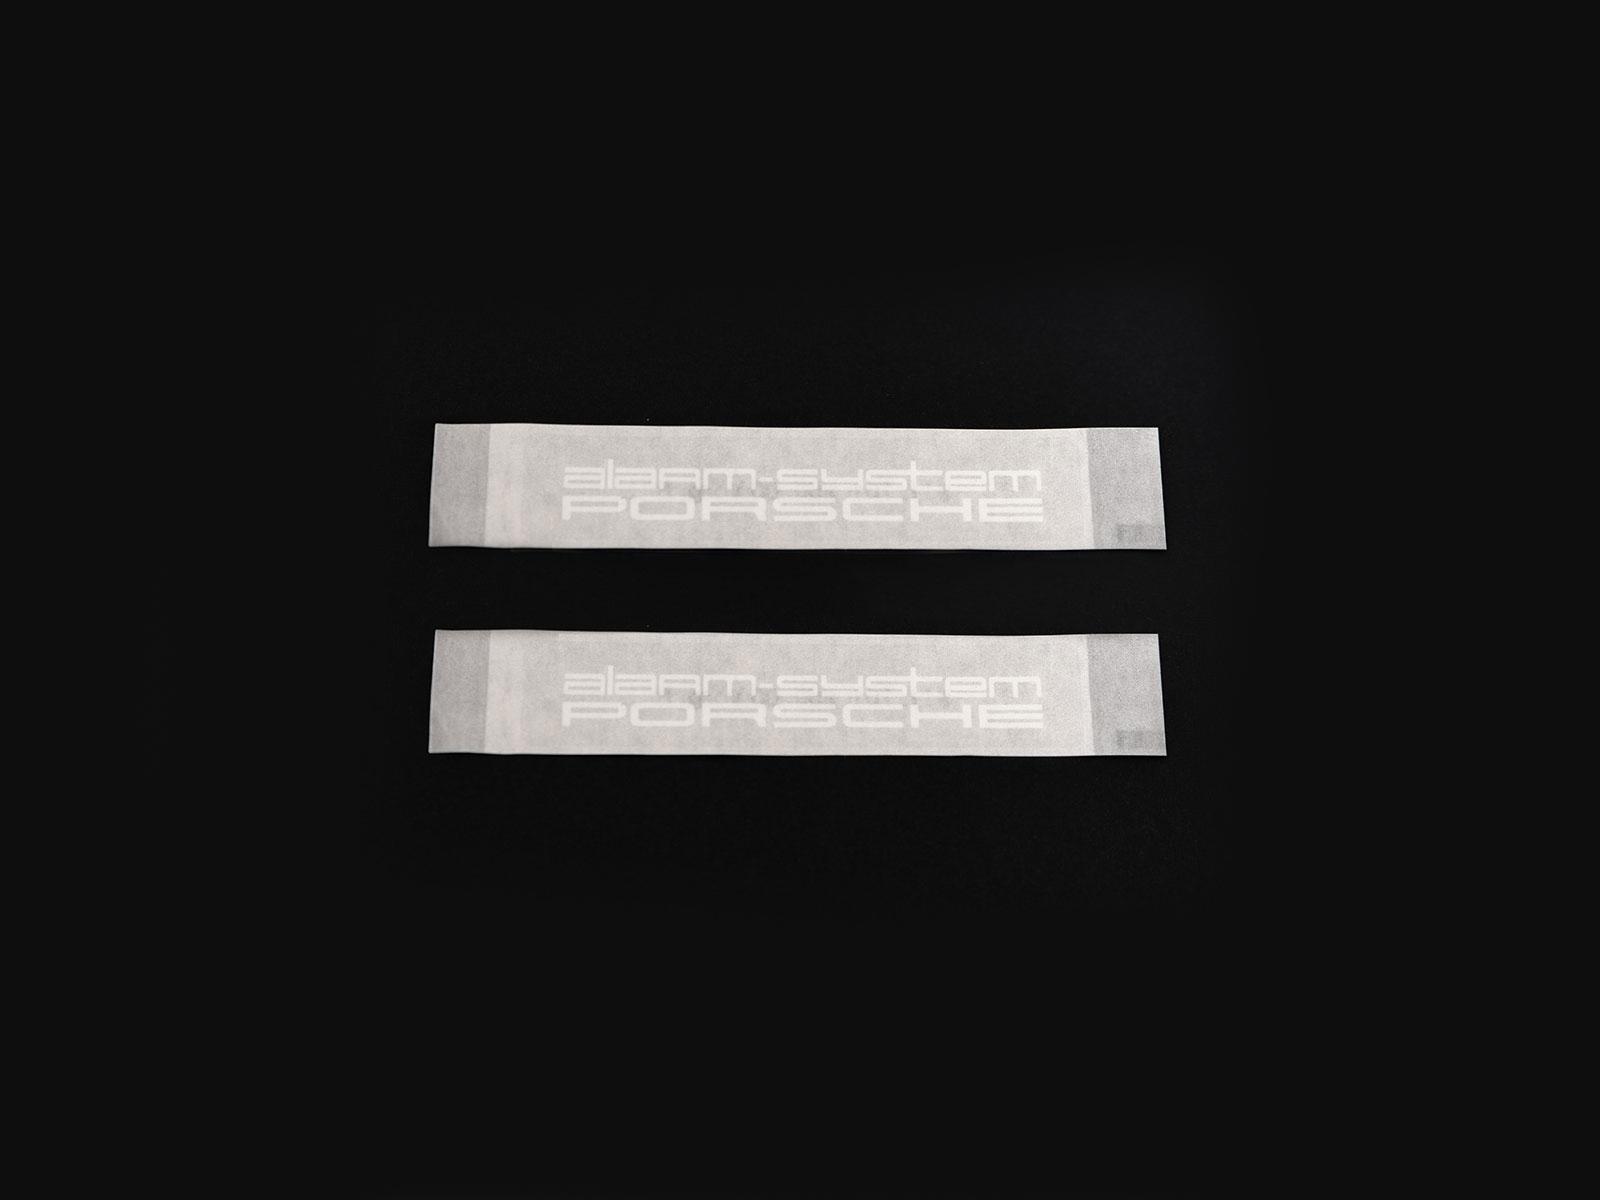 2x original Porsche 911G / 944/964/993/996/986/997 sticker alarm system